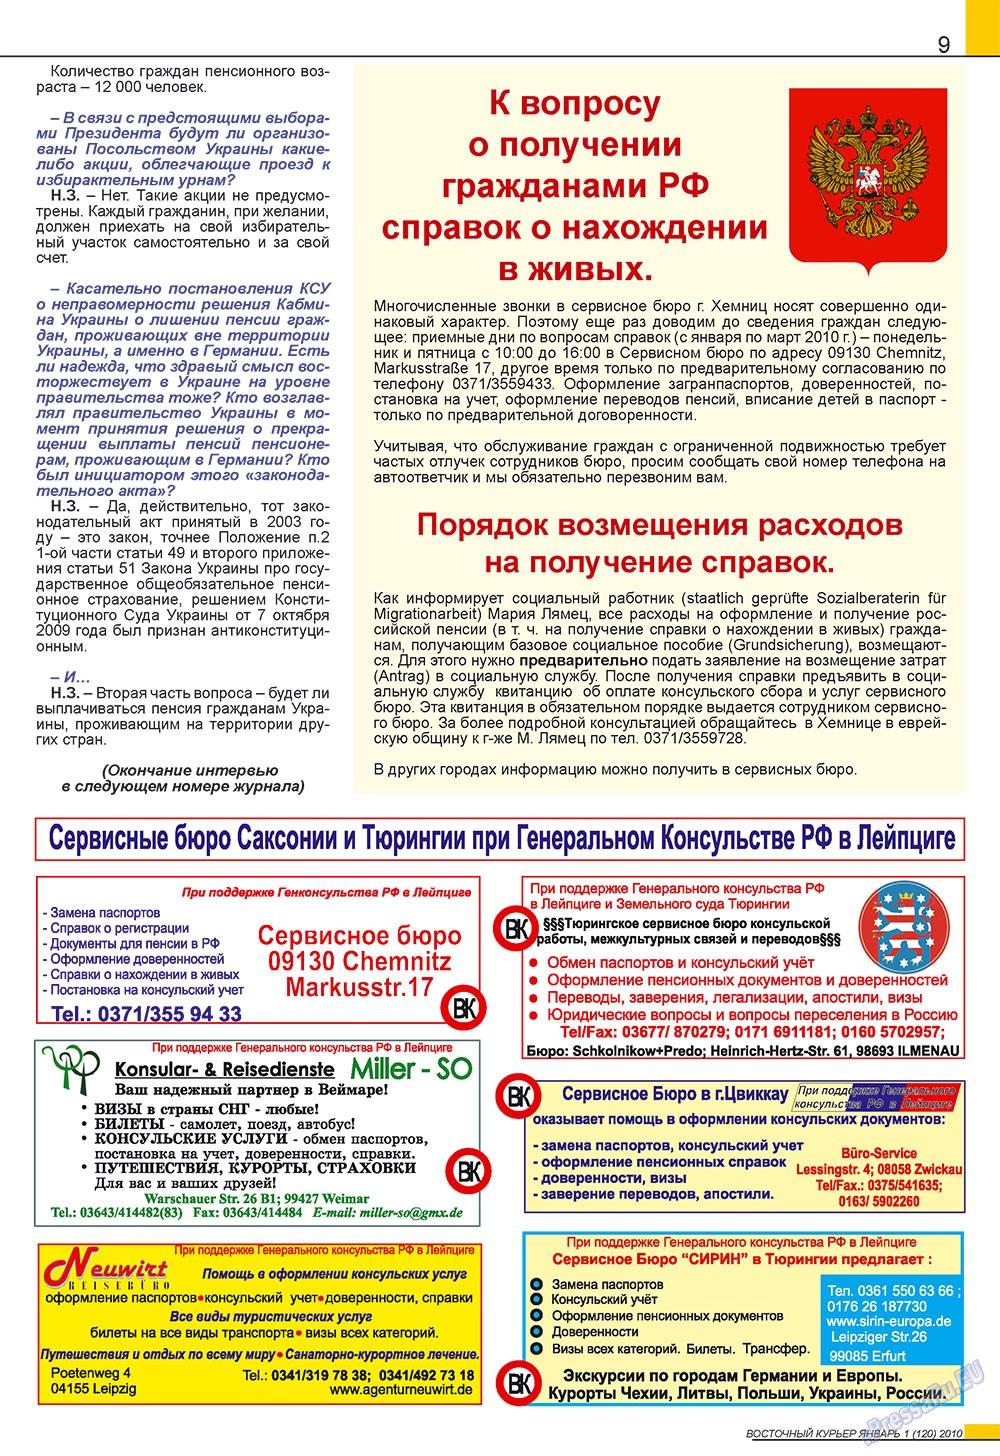 Восточный курьер (журнал). 2010 год, номер 1, стр. 9